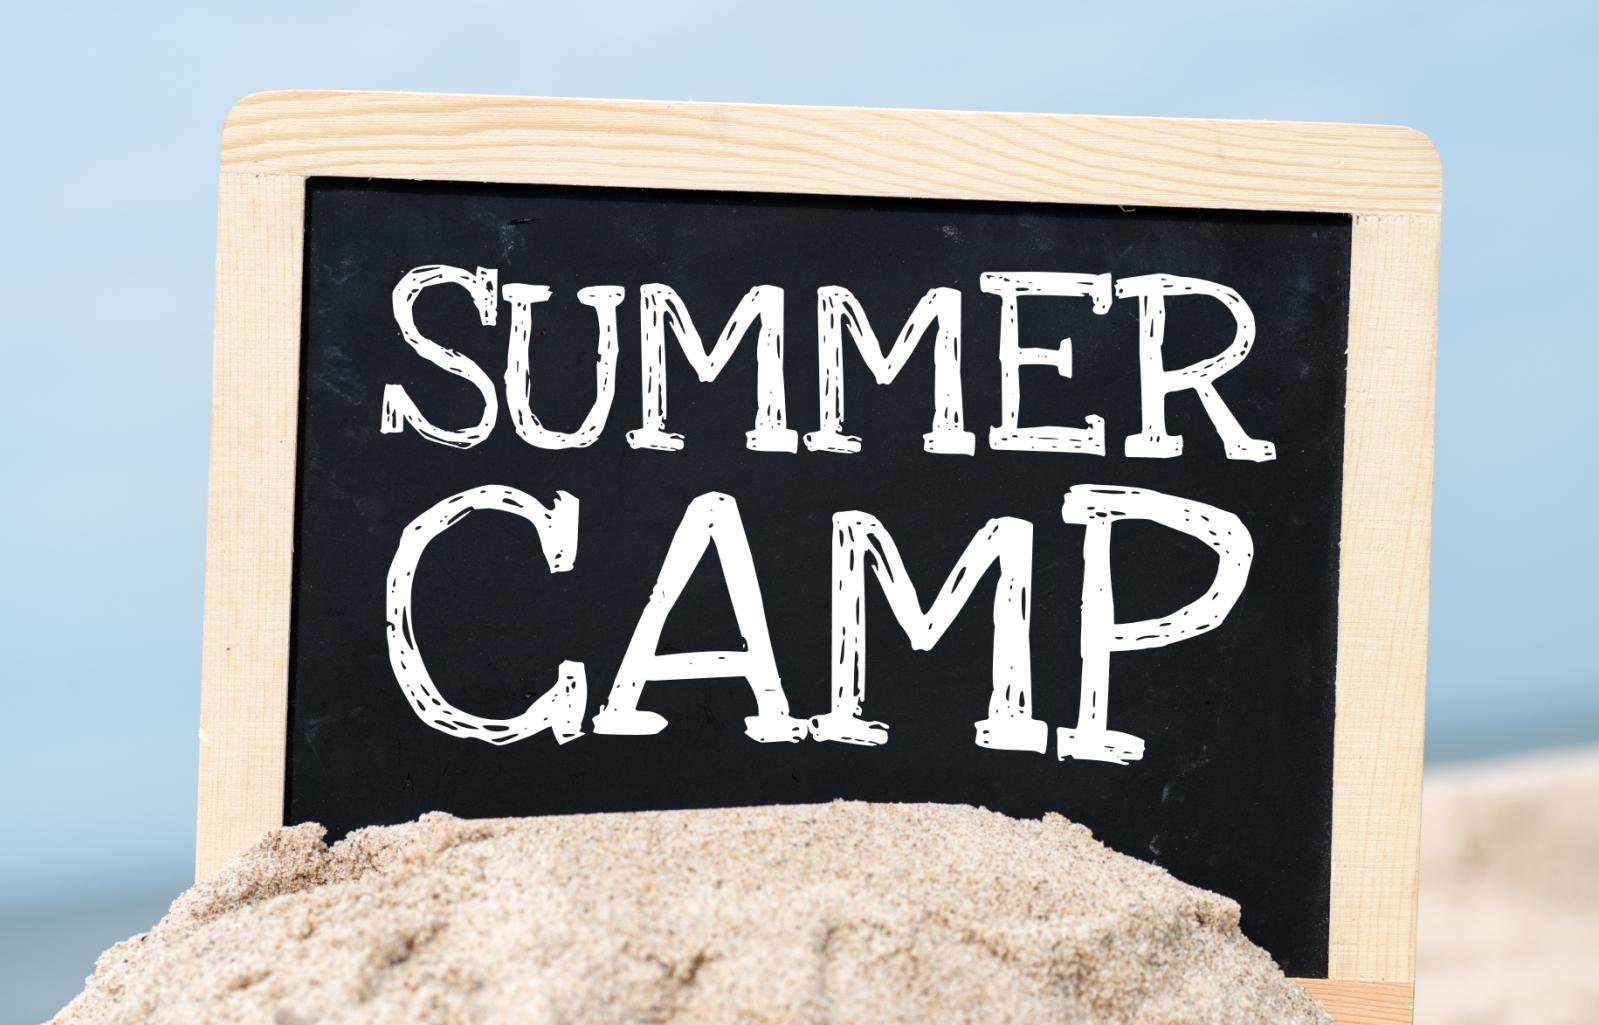 https://cdn2.hubspot.net/hubfs/2470171/blog/Summer%20Camp%20Sign.jpg Feature Image